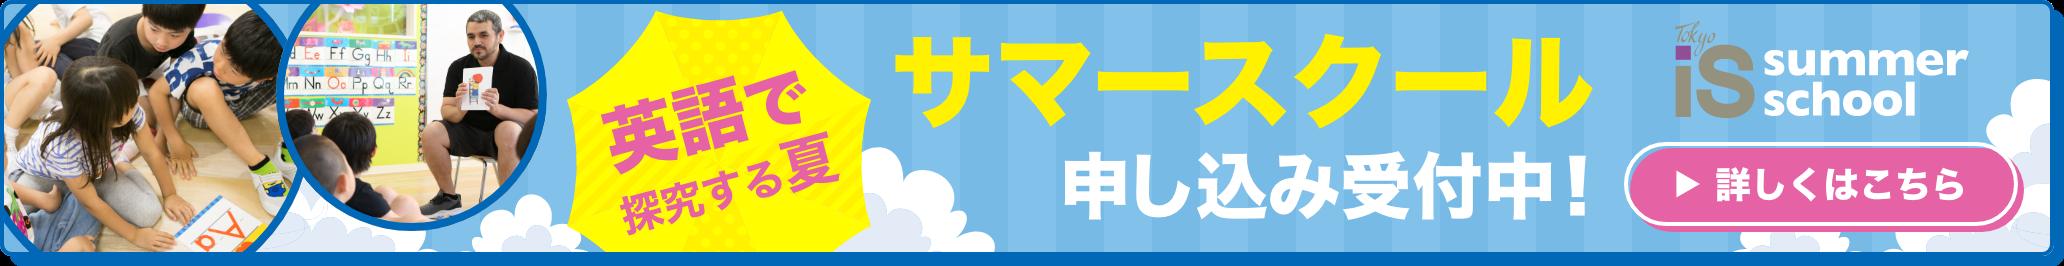 東京インターナショナルスクール 都立大アフタースクール 2019年11月オープン!